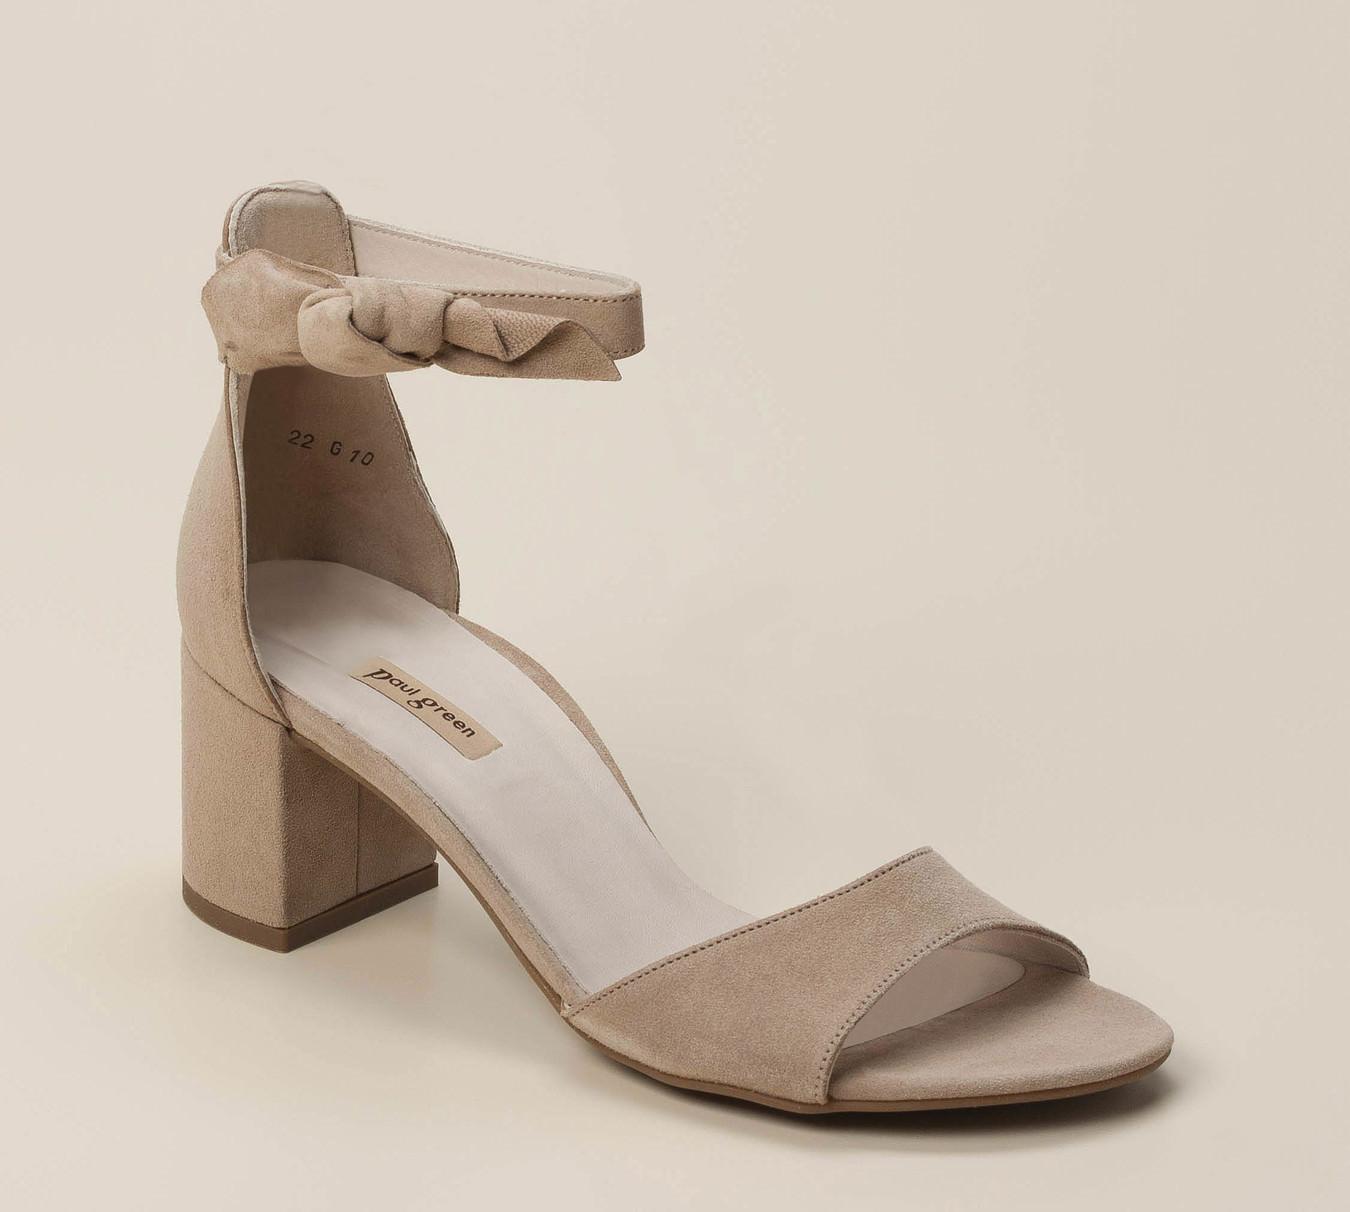 Damen Sandalen von Paul Green im Sale kaufen | Schuhe24